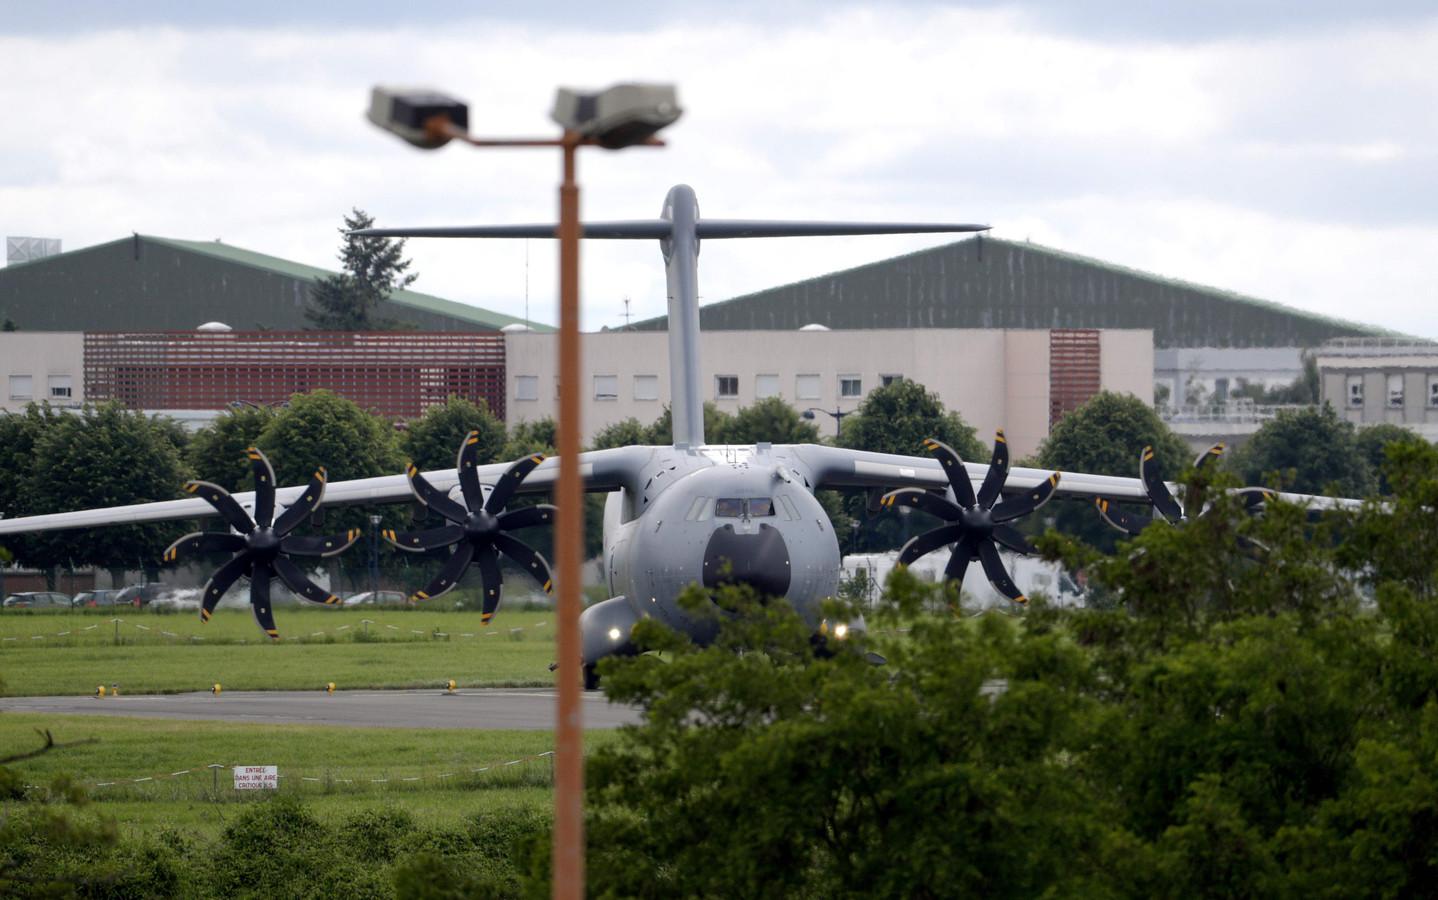 Een Airbus A400M waarmee naar verluidt twaalf kinderen van Franse jihadisten en twee Nederlandse weesjes naar Frankrijk werden gevlogen, staat geparkeerd op de luchthaven Velizy-Villacoublay, op 10 juni 2019.